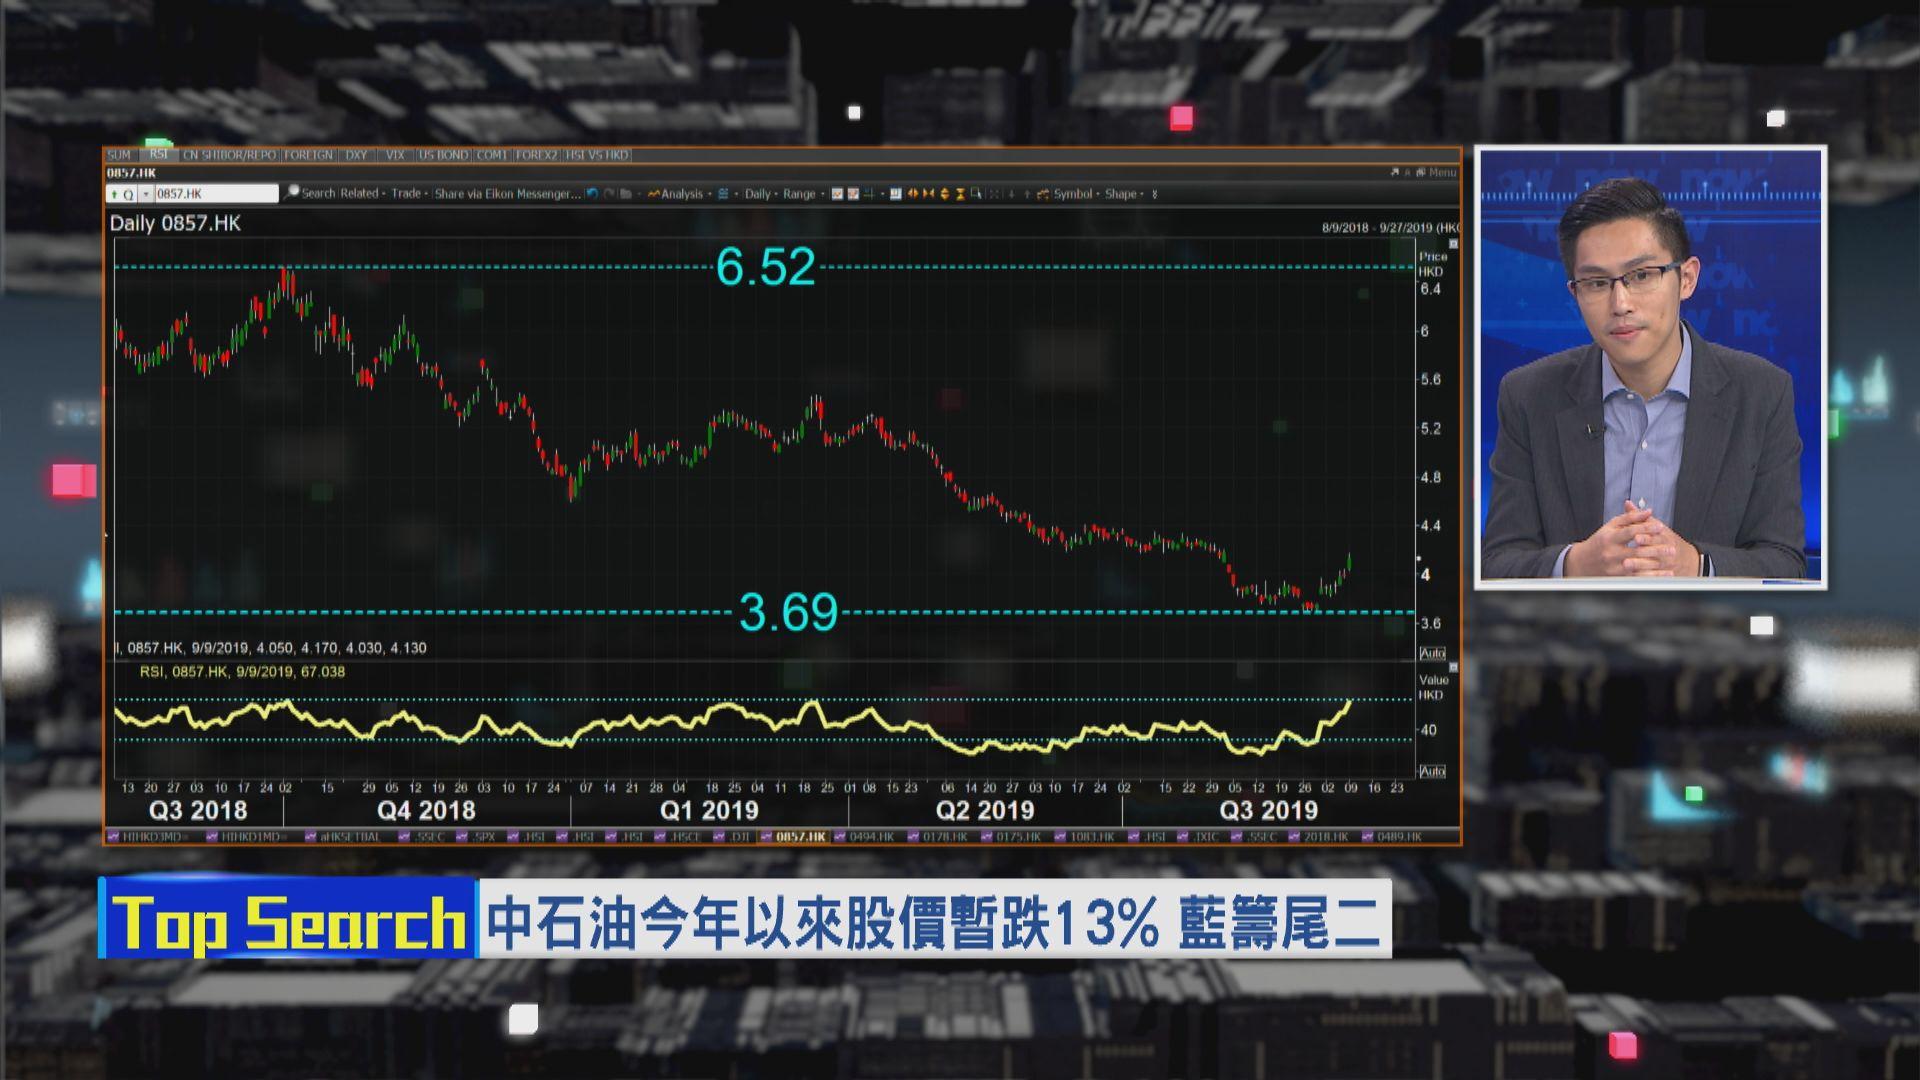 【財經TOP SEARCH】中石油最盡見$4.3?